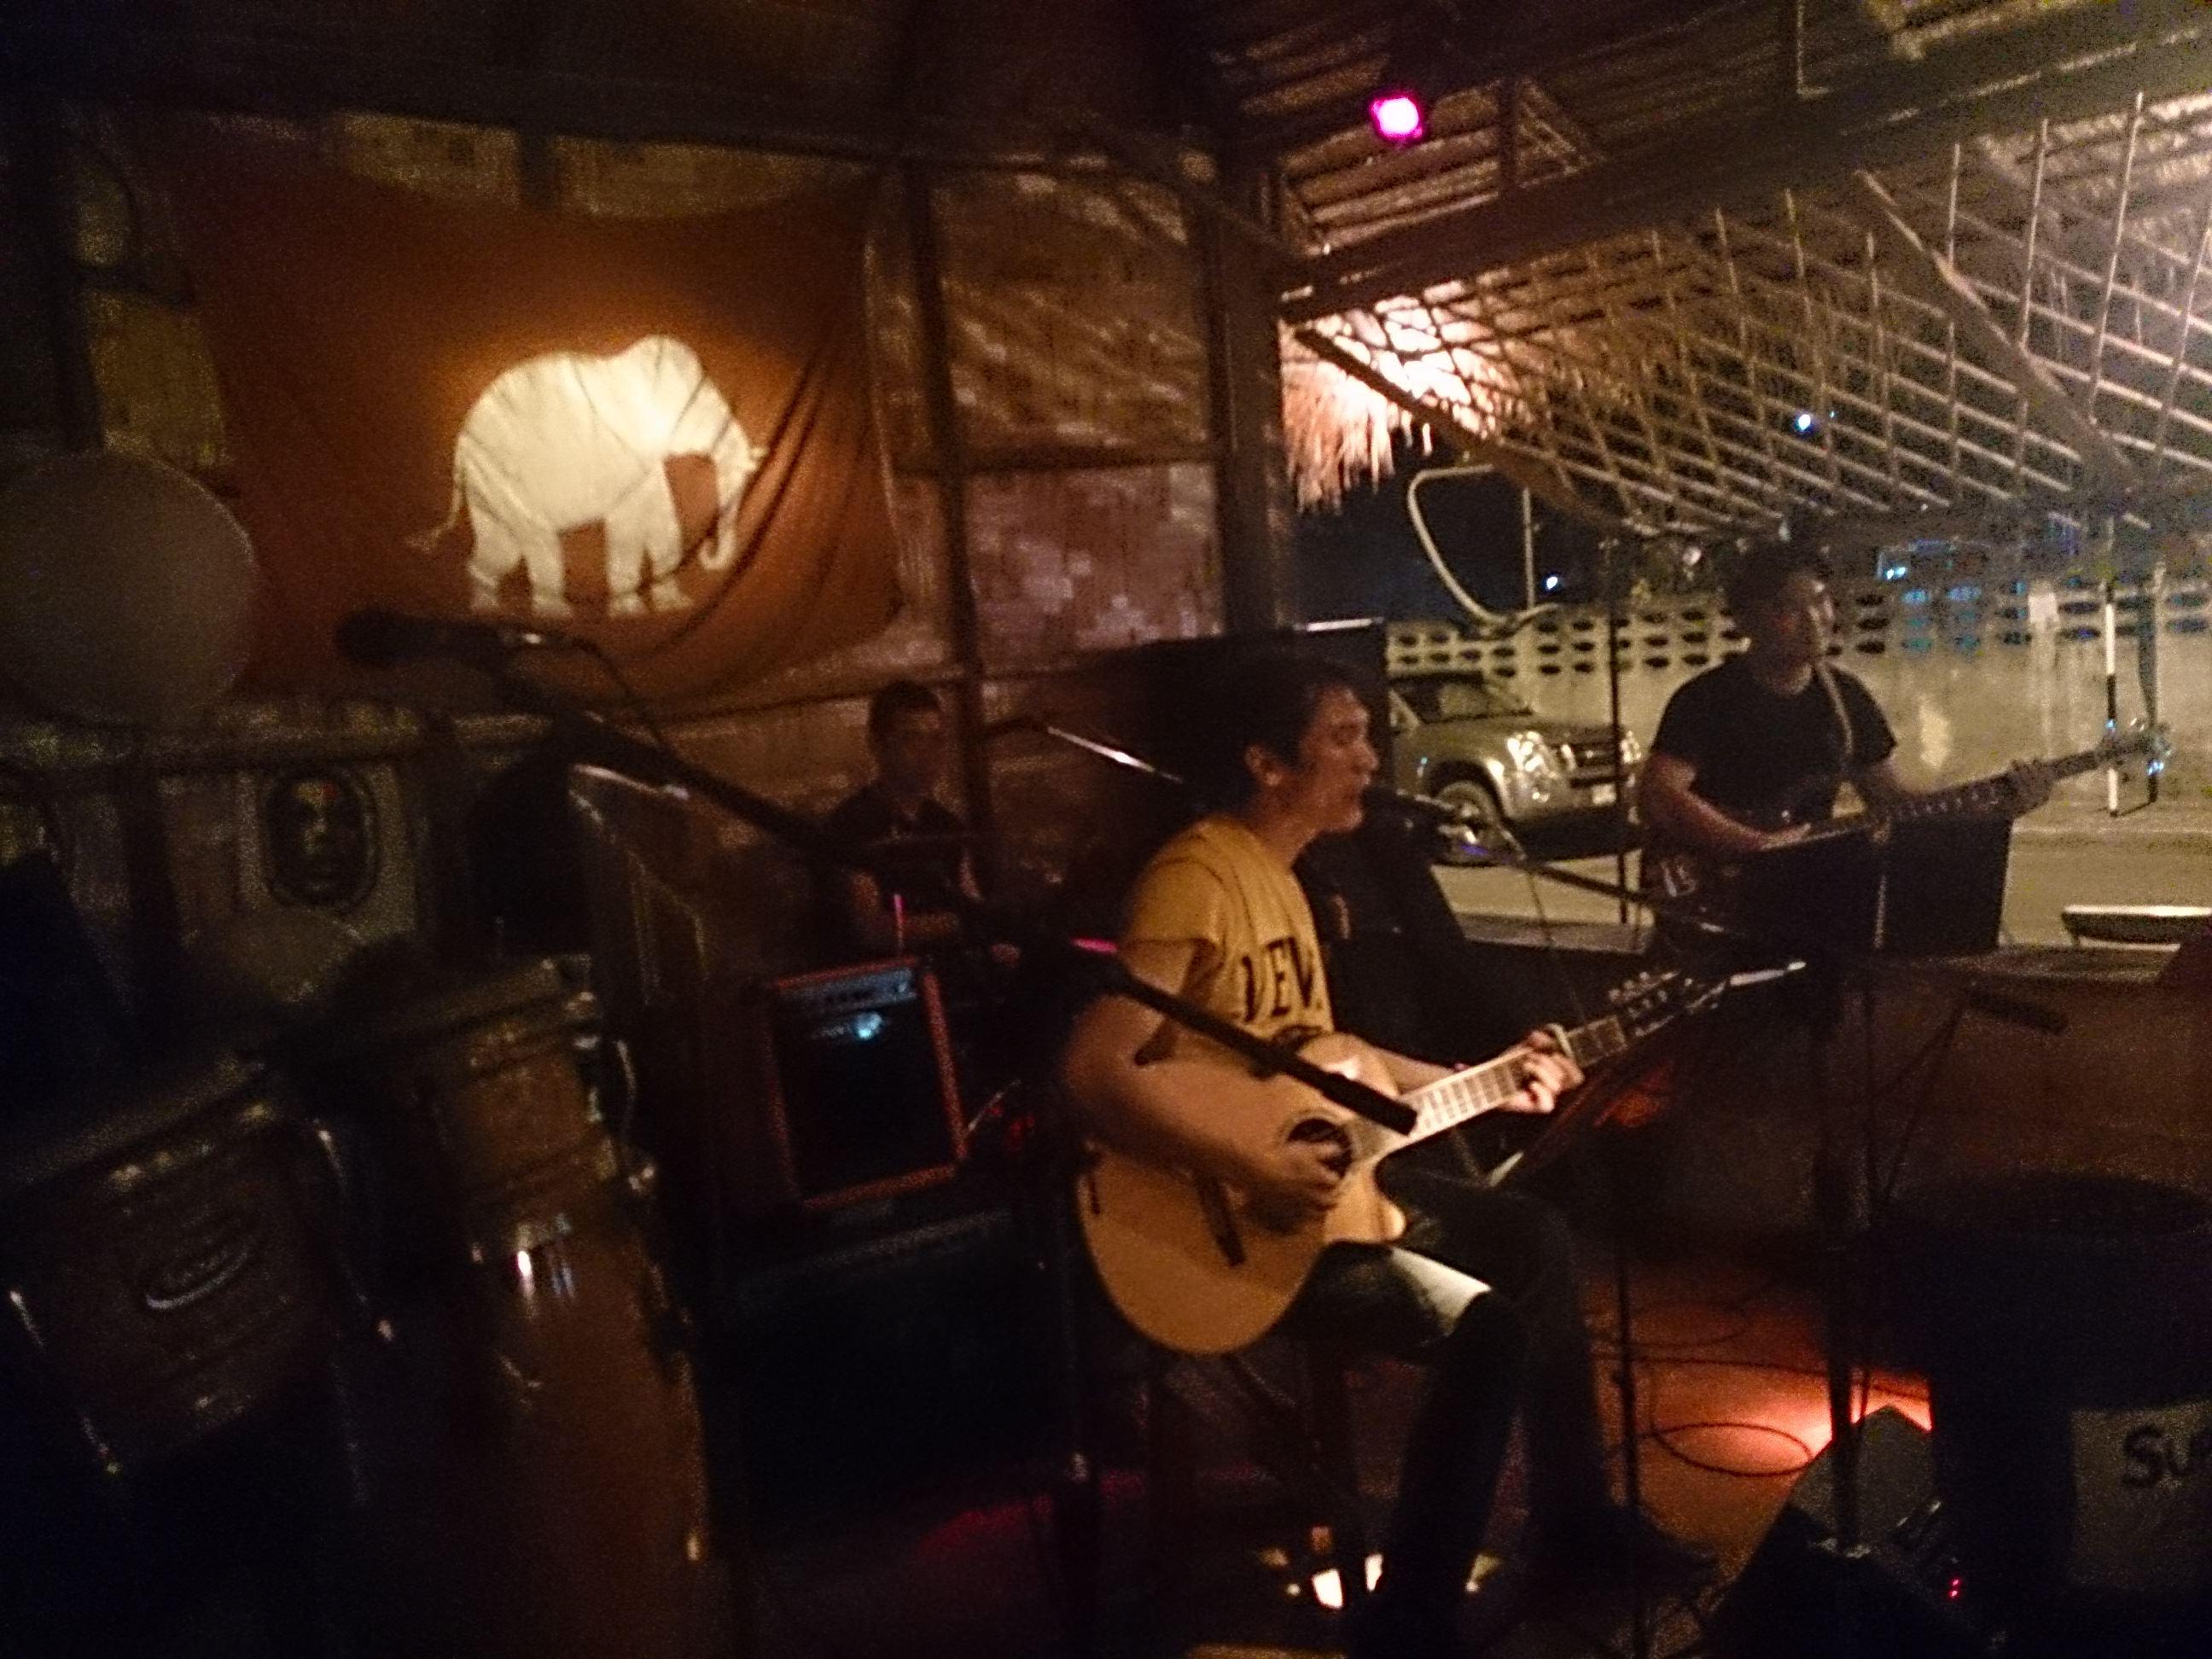 ライブミュージックが響くカンチャナブリーの夜